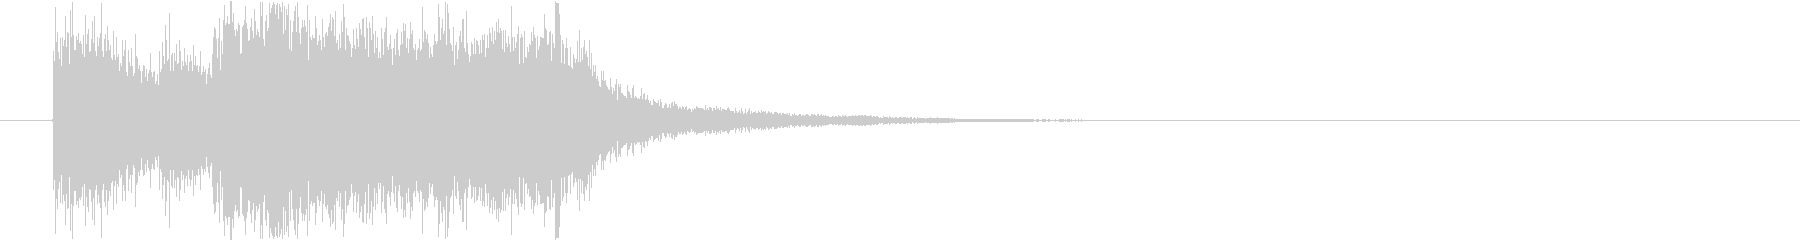 結果発表!なファンファーレの未再生の波形